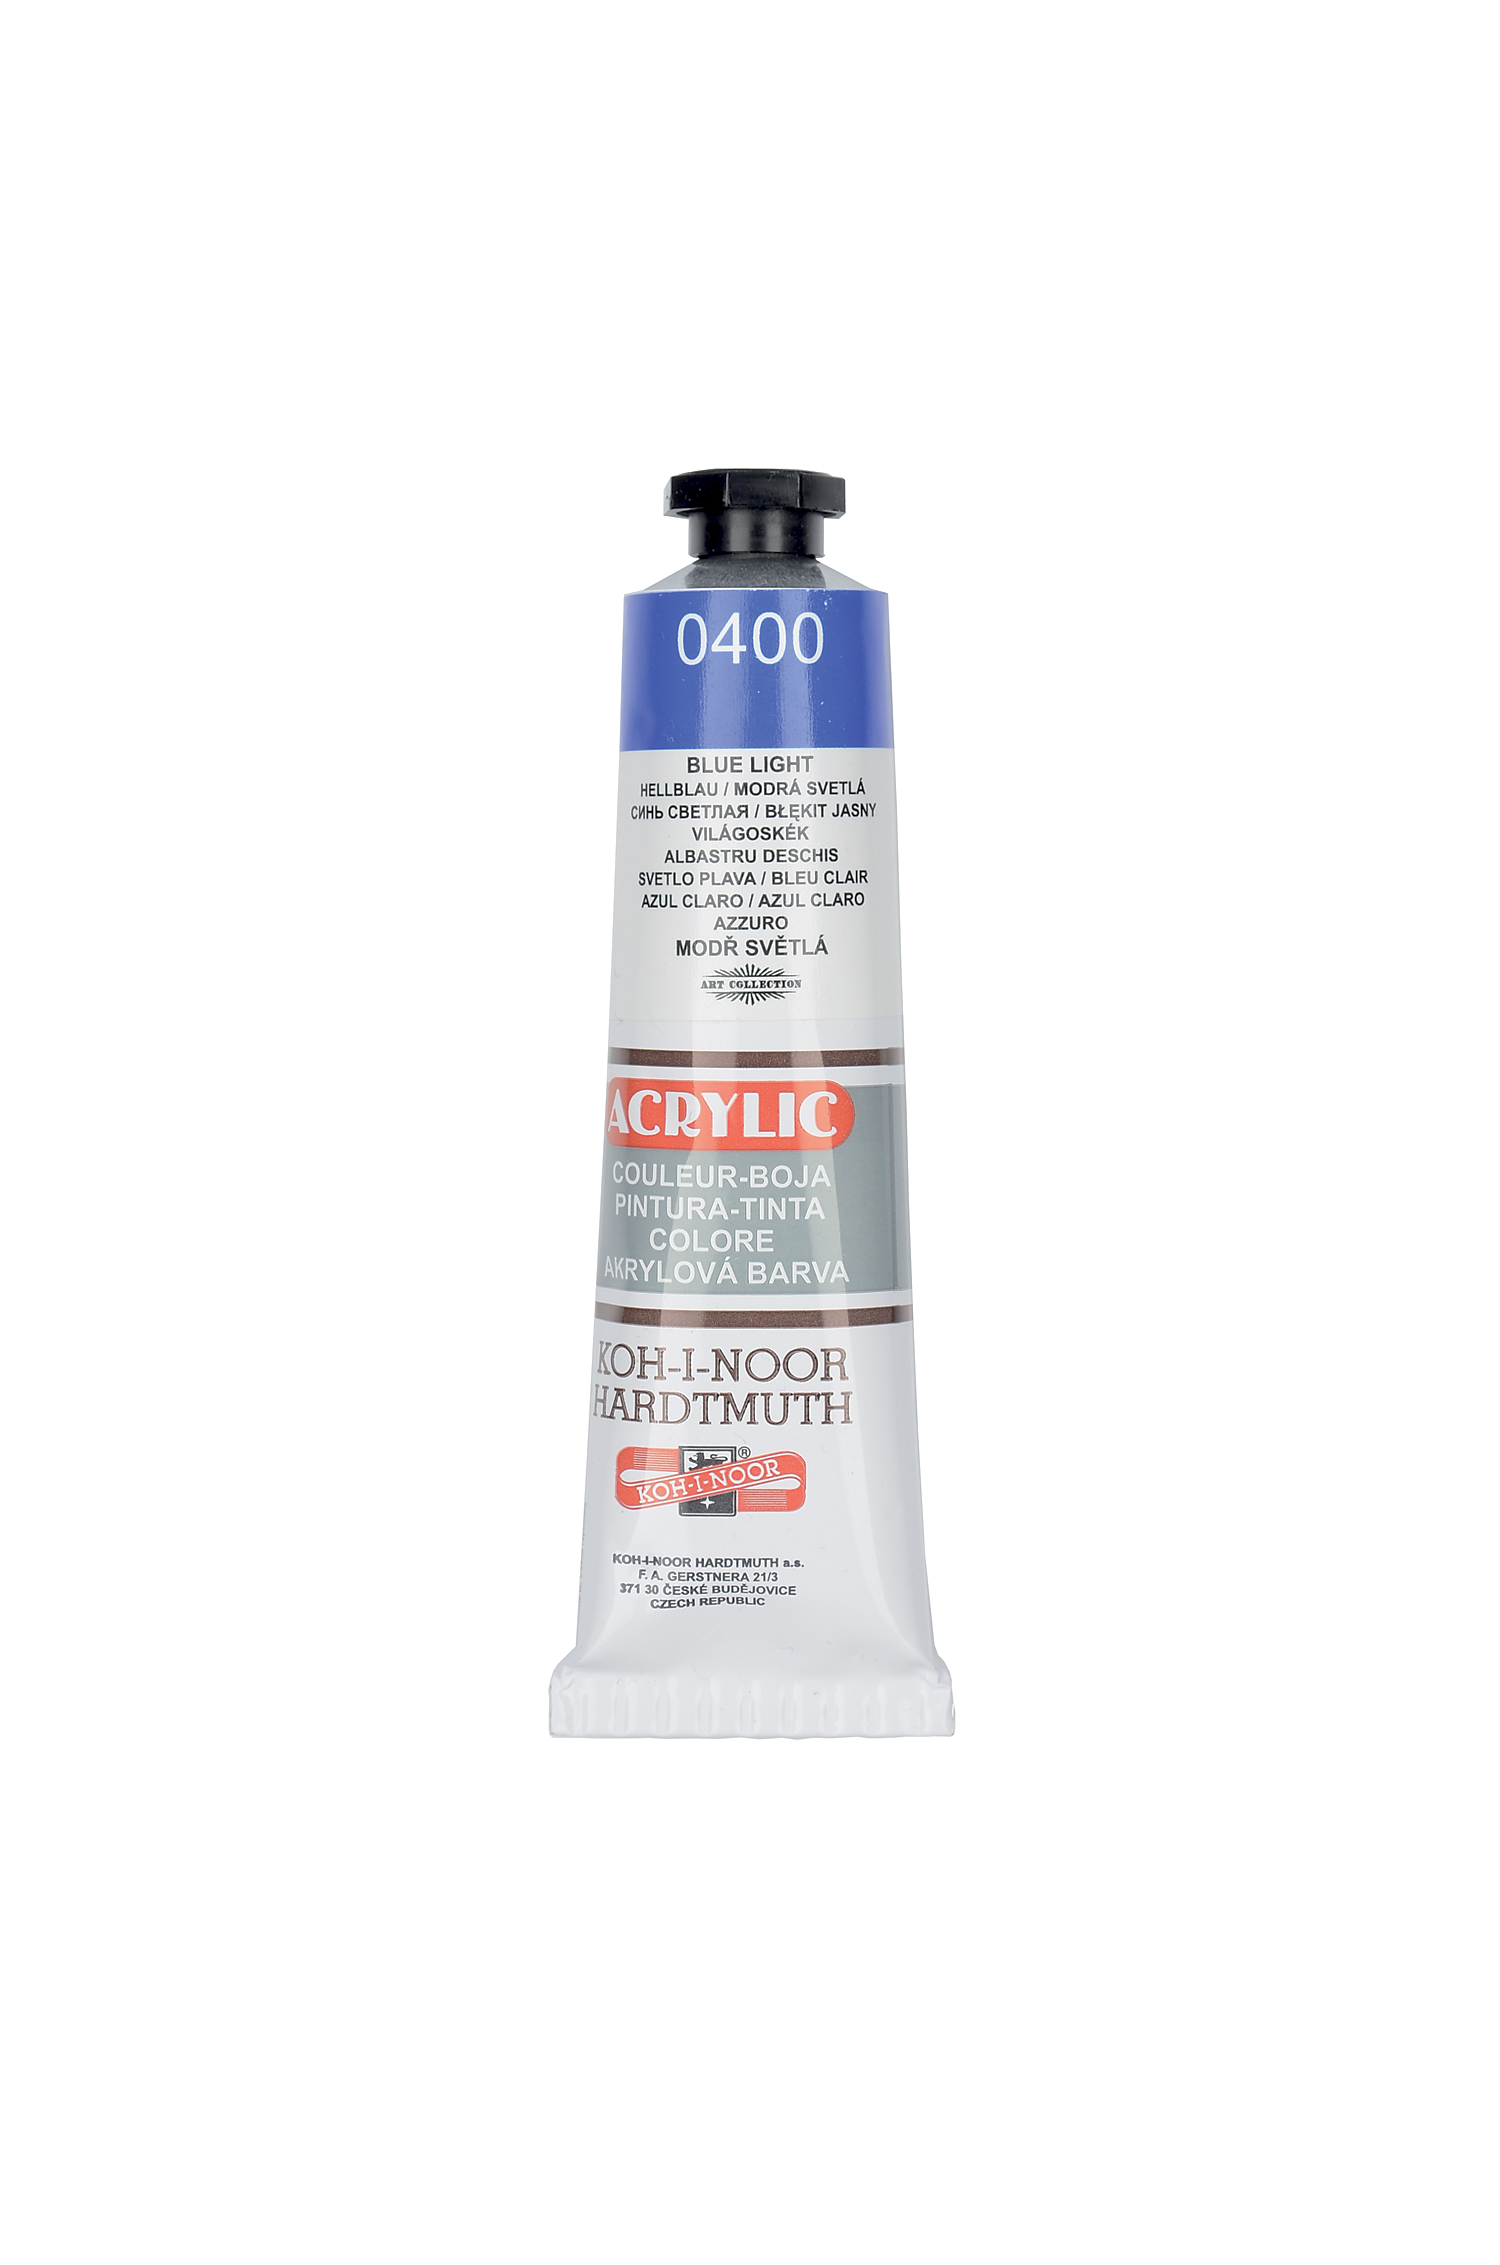 Barva akrylová koh-i-noor, 40ml / různé odstíny akrylová barva KOH-I-NOOR